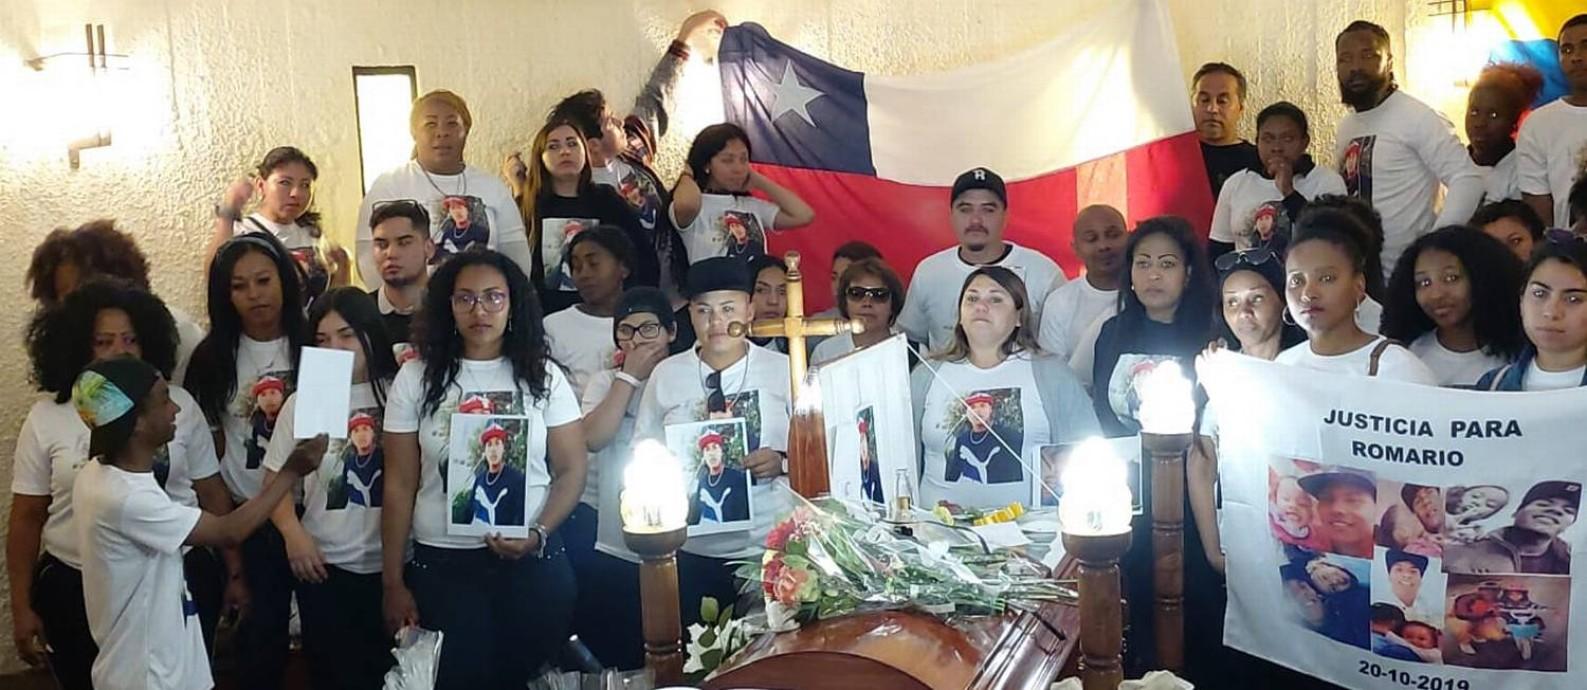 No enterro de Romario, amigos e parentes pedem justiça Foto: Álbum de família